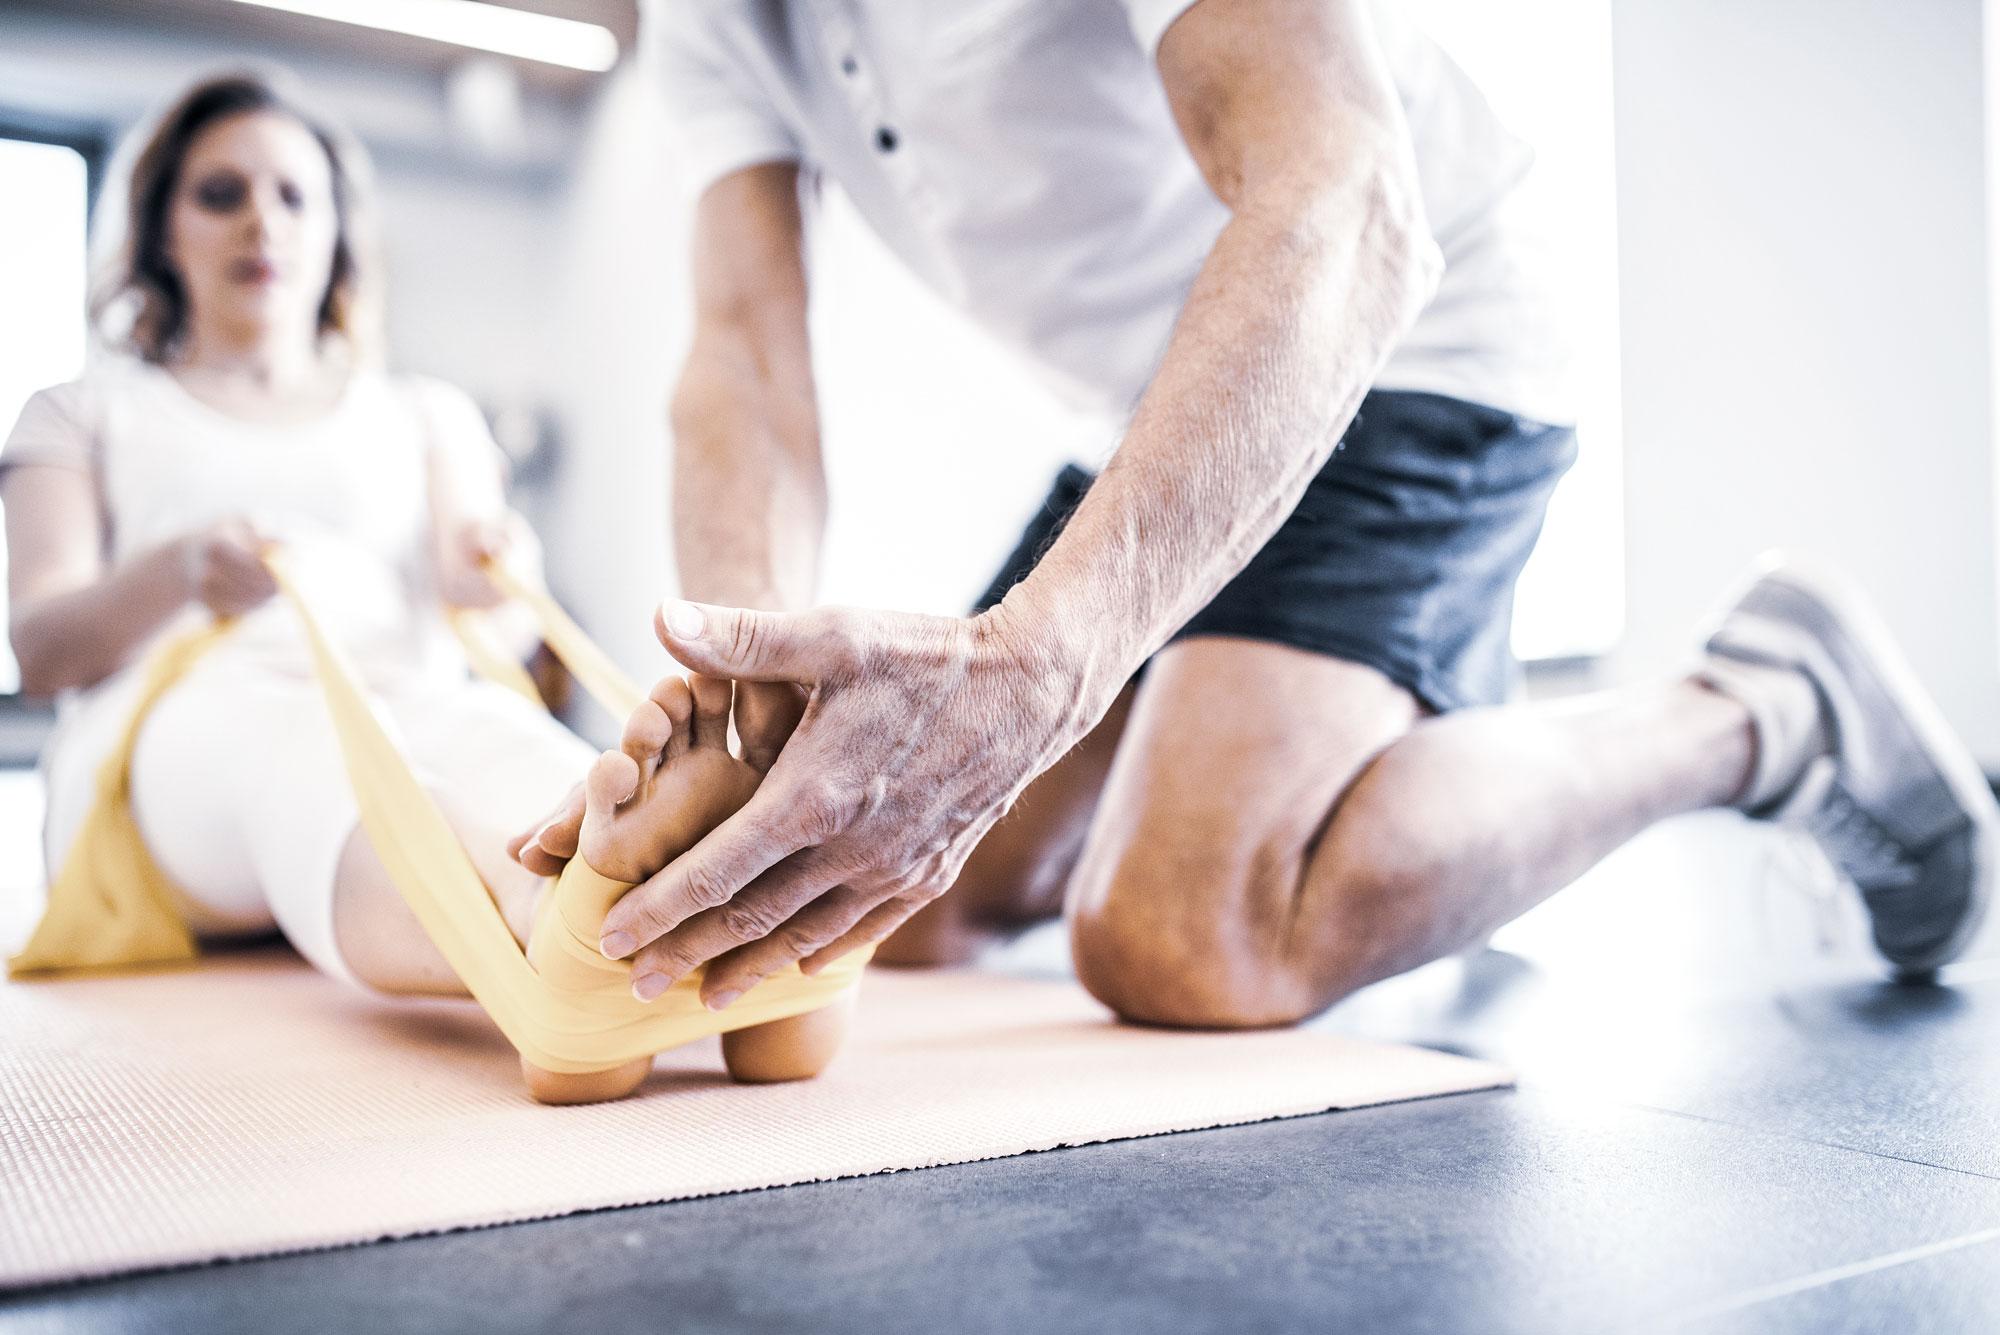 Servizi extra – Fisioterapia e Centro Olistico